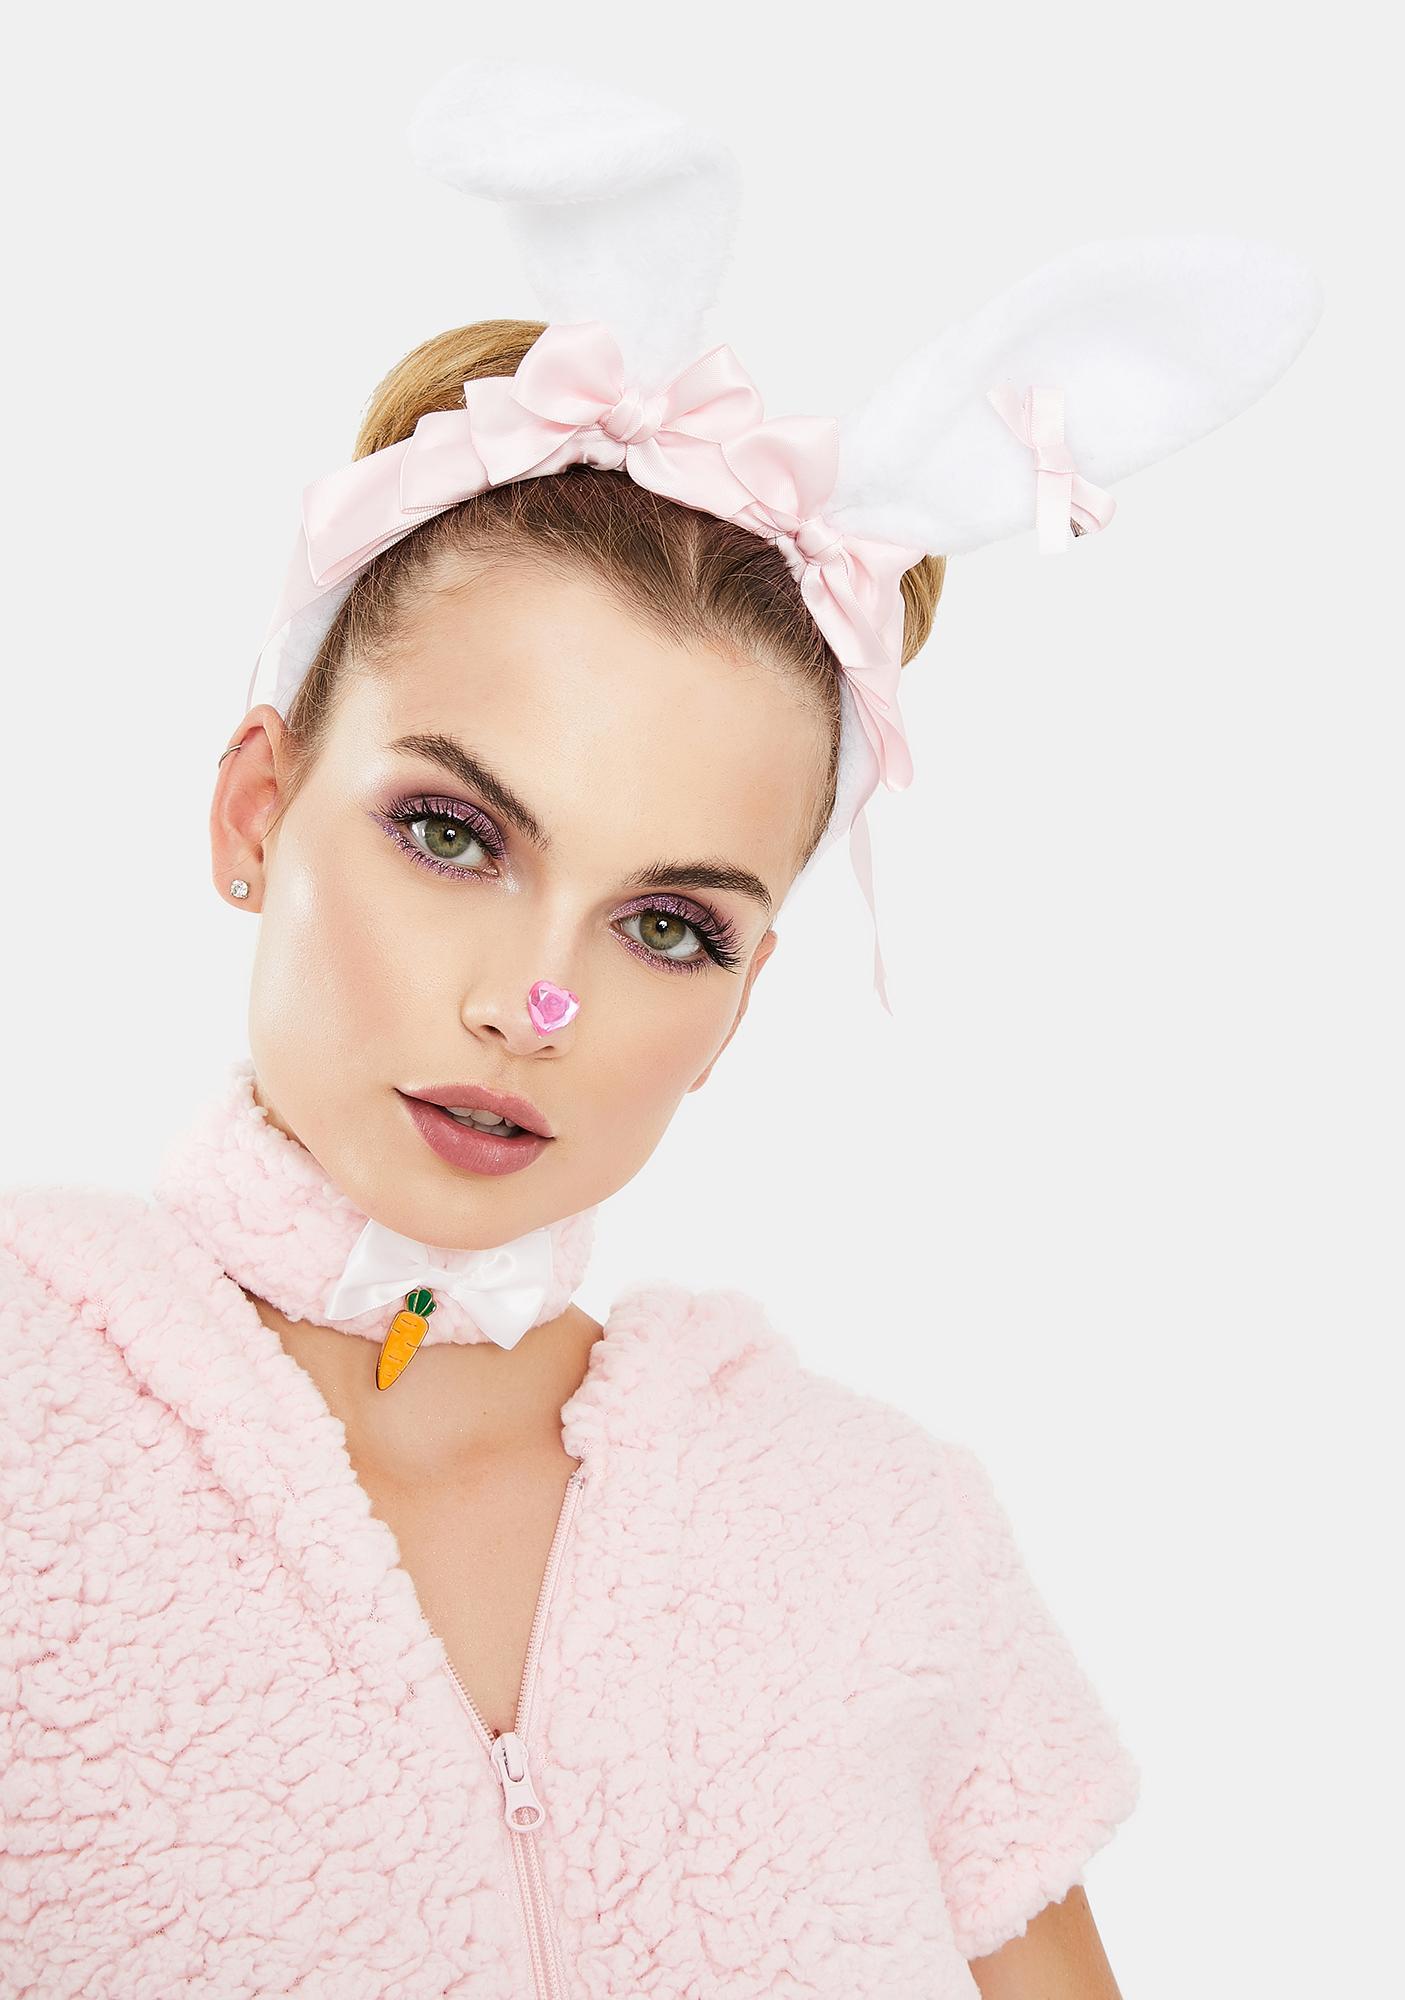 Fuzzy Wuzzy Bunny Ear Headband